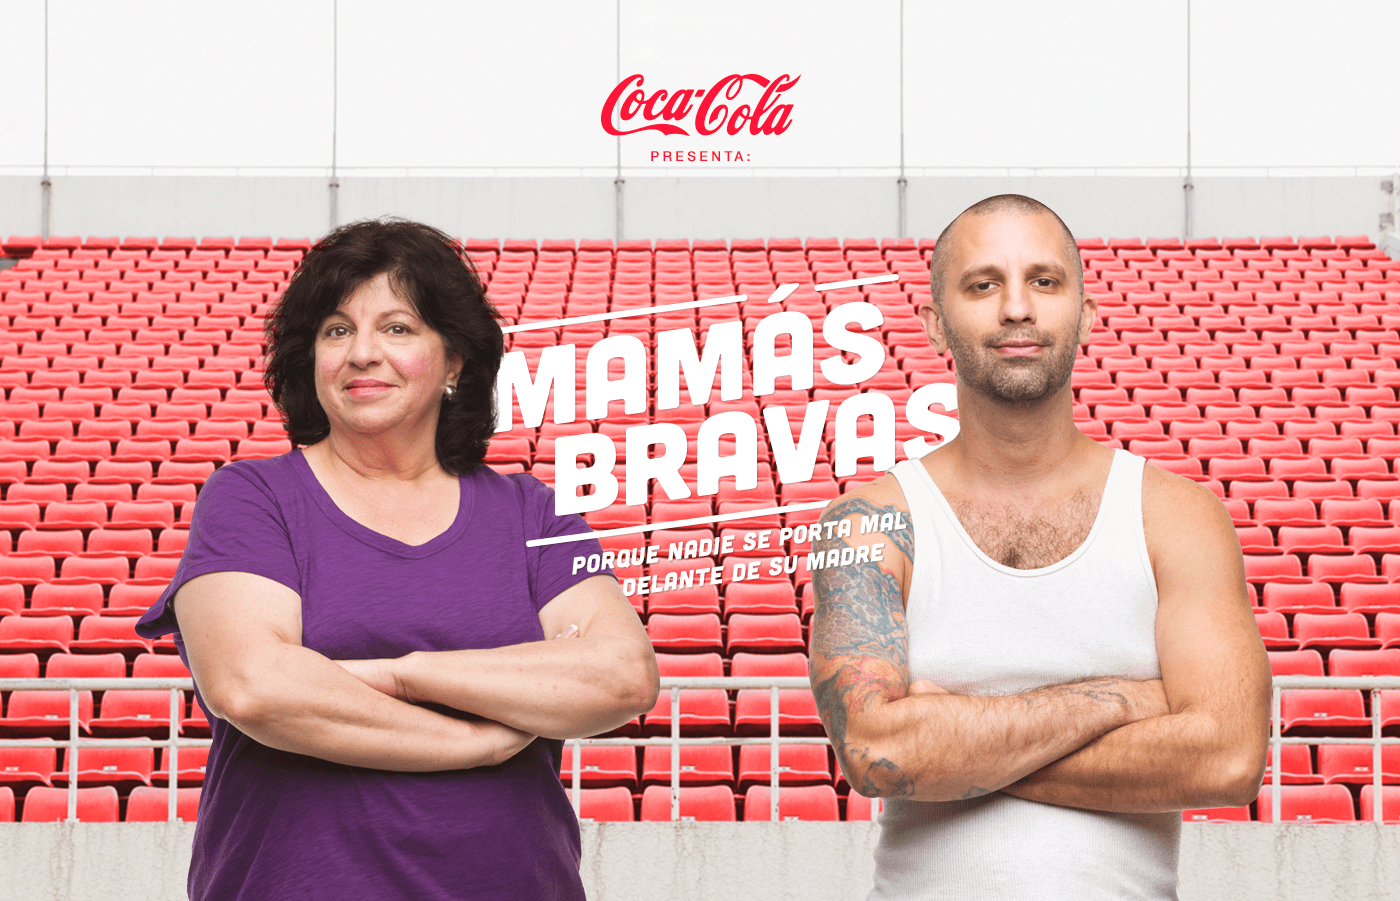 El Ojo nuevos talentos  barras bravas Coca-Cola Futbol